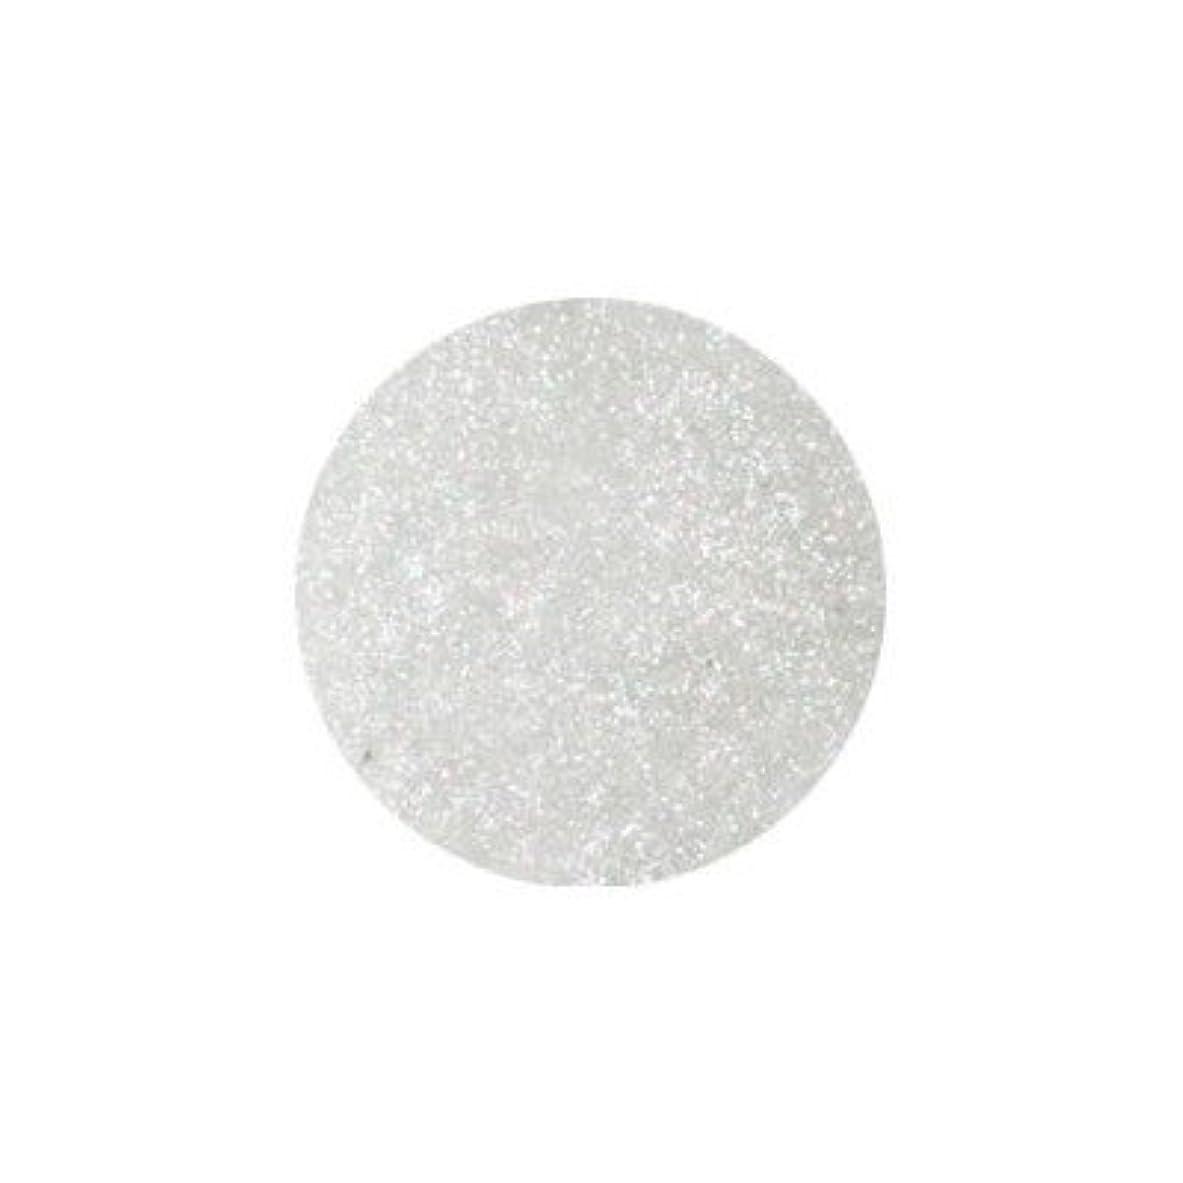 復活する量でピカエース #451 シャインダスト ミラーホワイトS